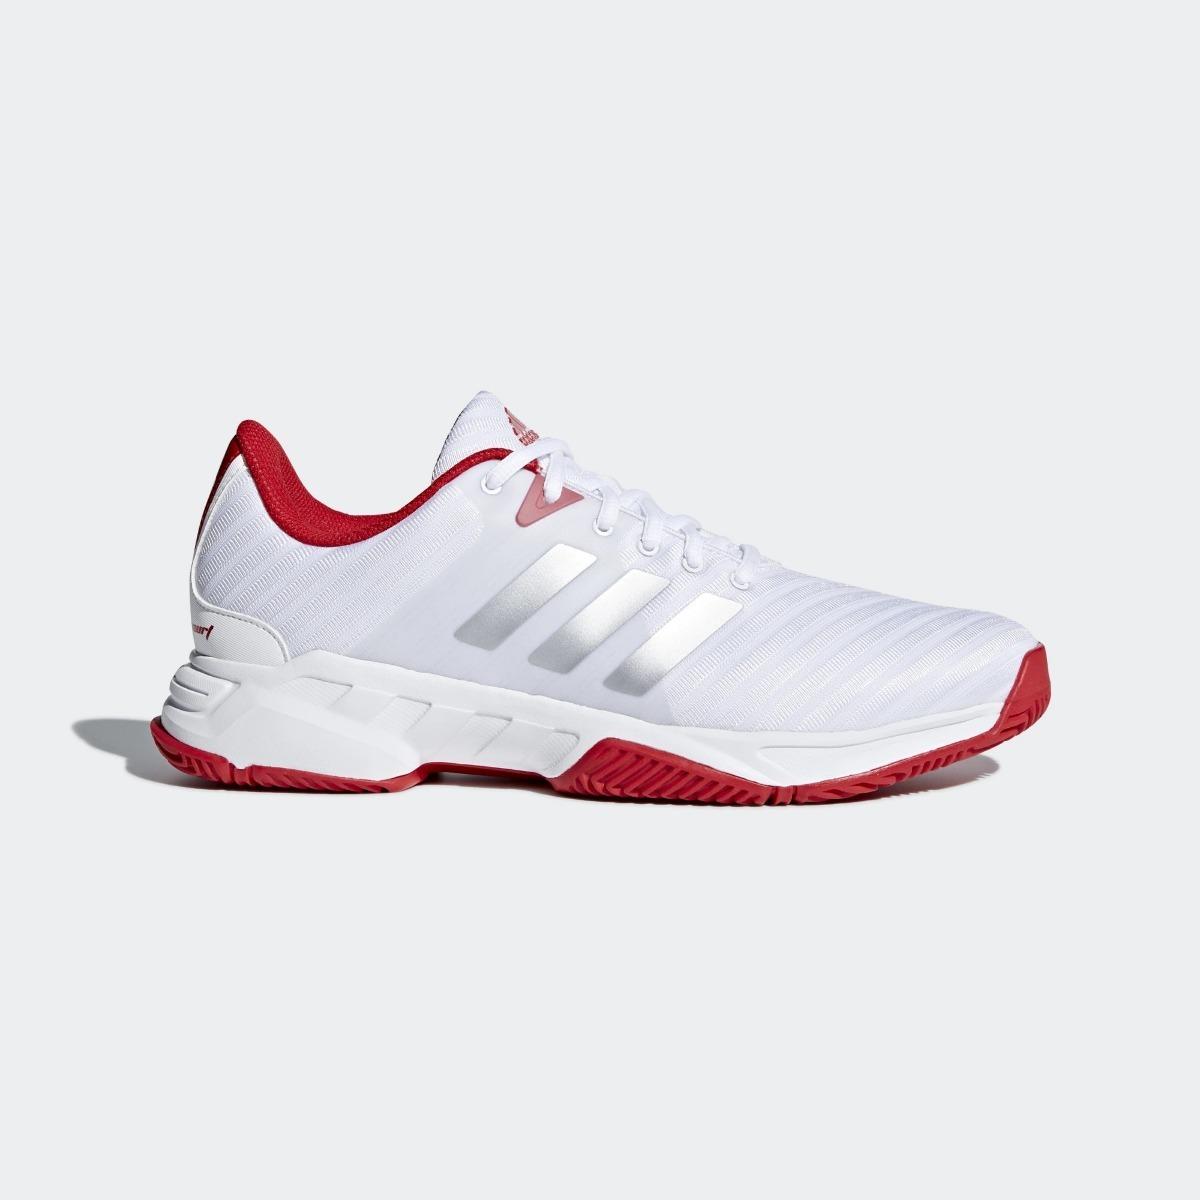 Tênis adidas Barricade Court 3 Original Branco - Footlet - R  409 29c9a6b6e5409